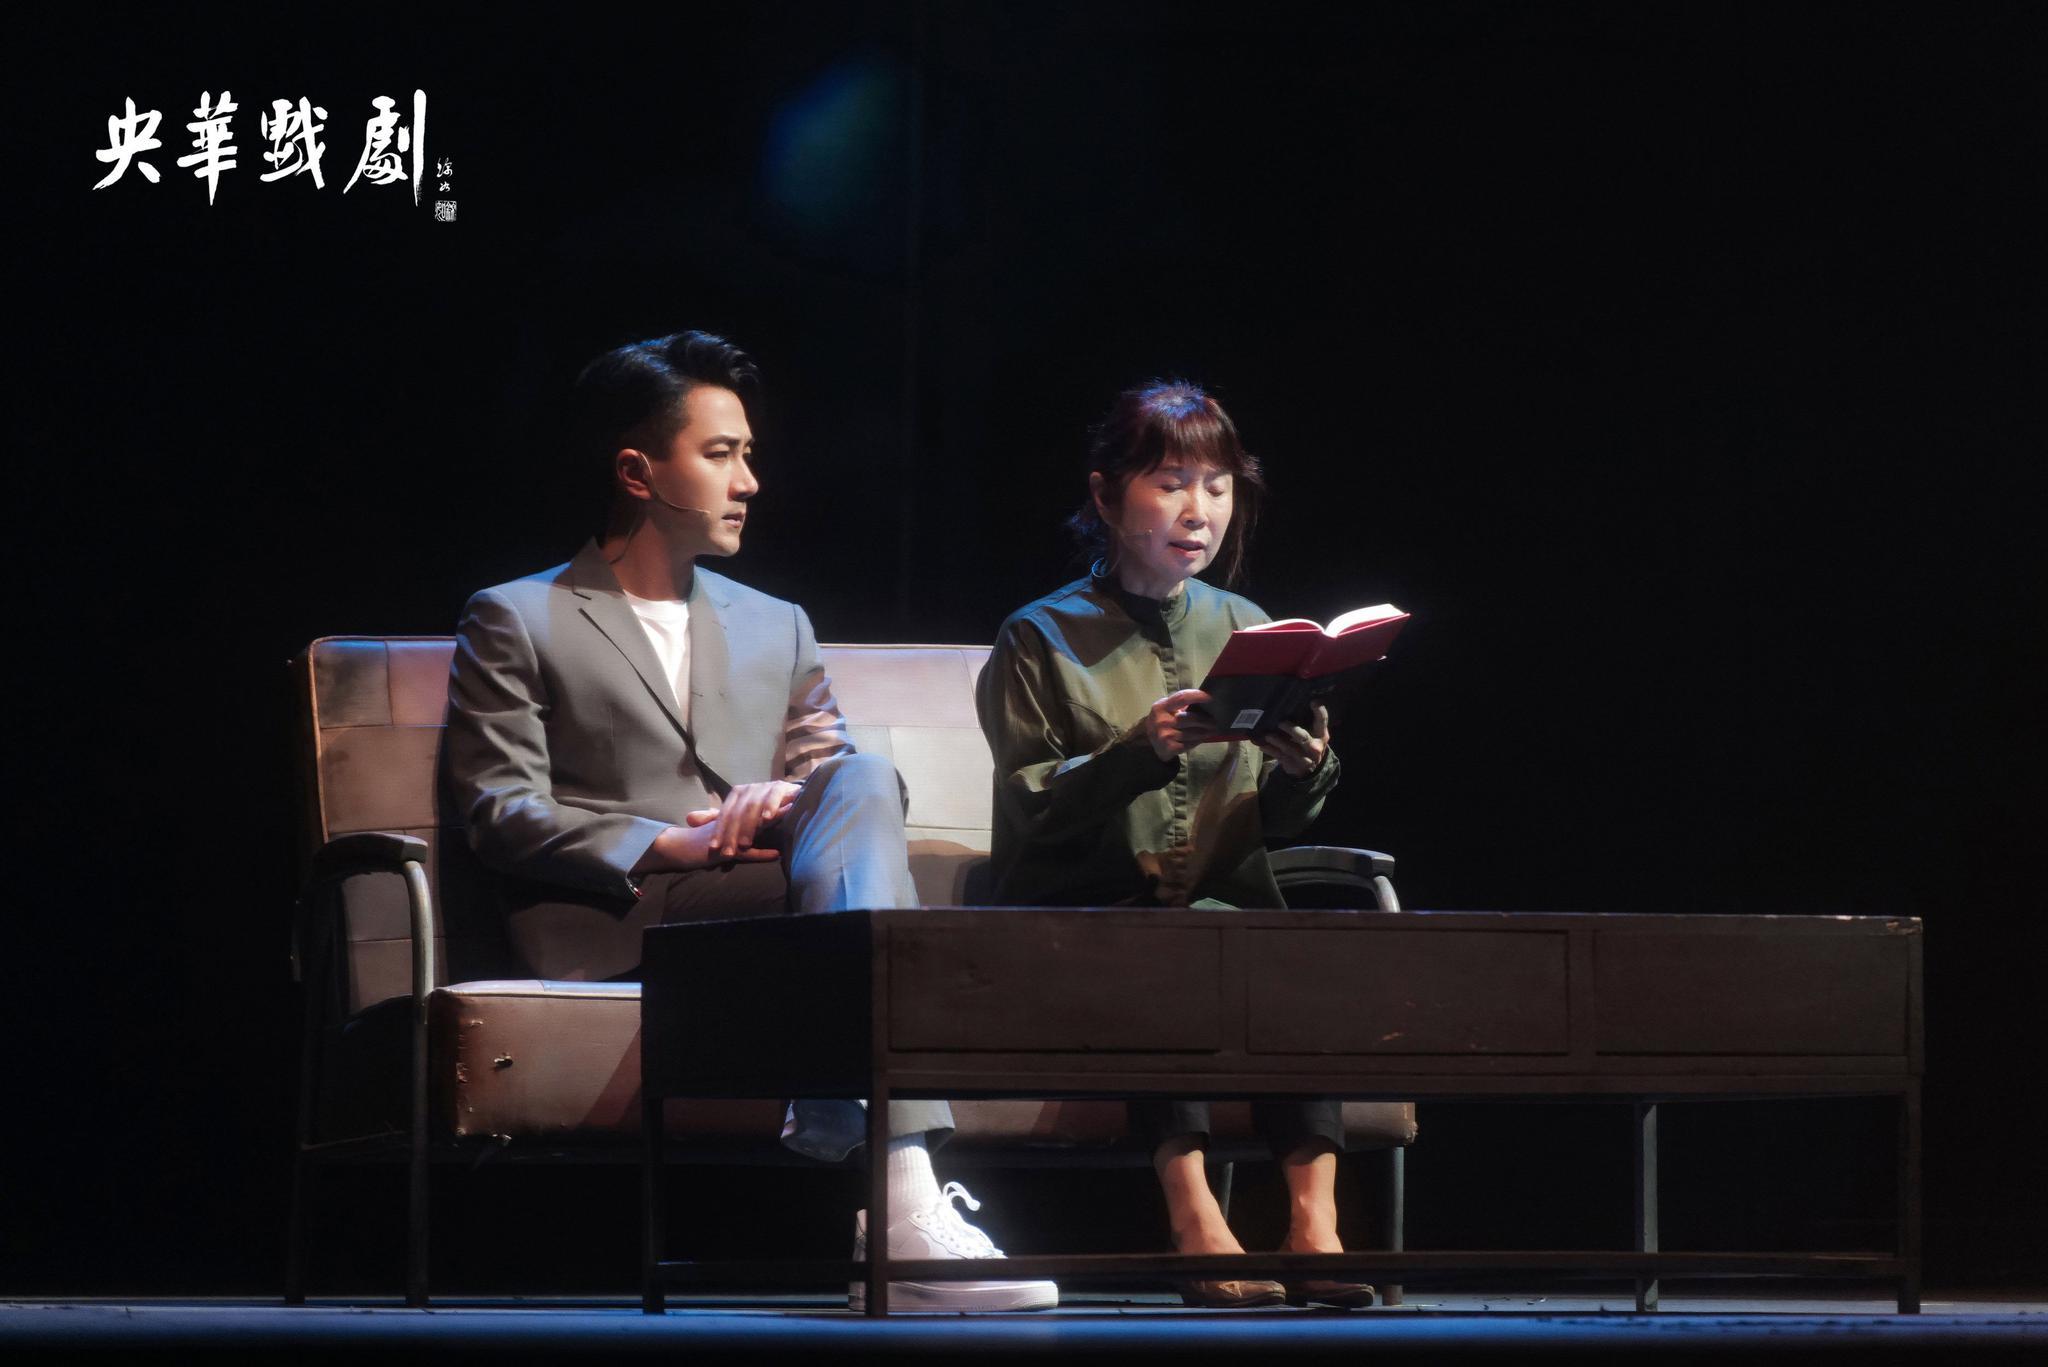 连台戏《雷雨》《雷雨·后》正式启动,刘恺威等主演首次亮相图片